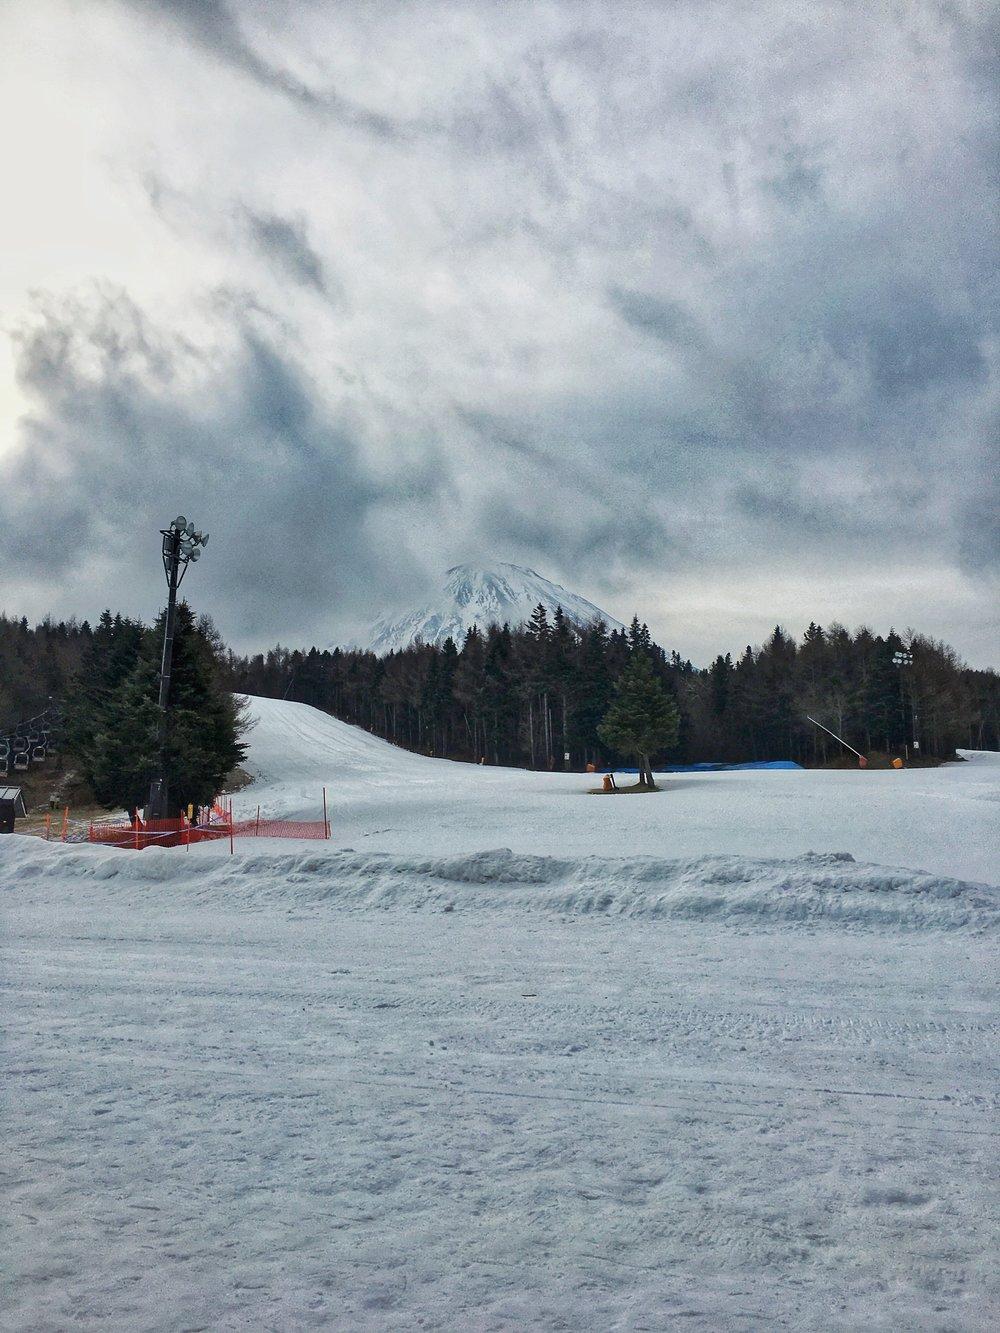 Fujiten - Ski Resrot